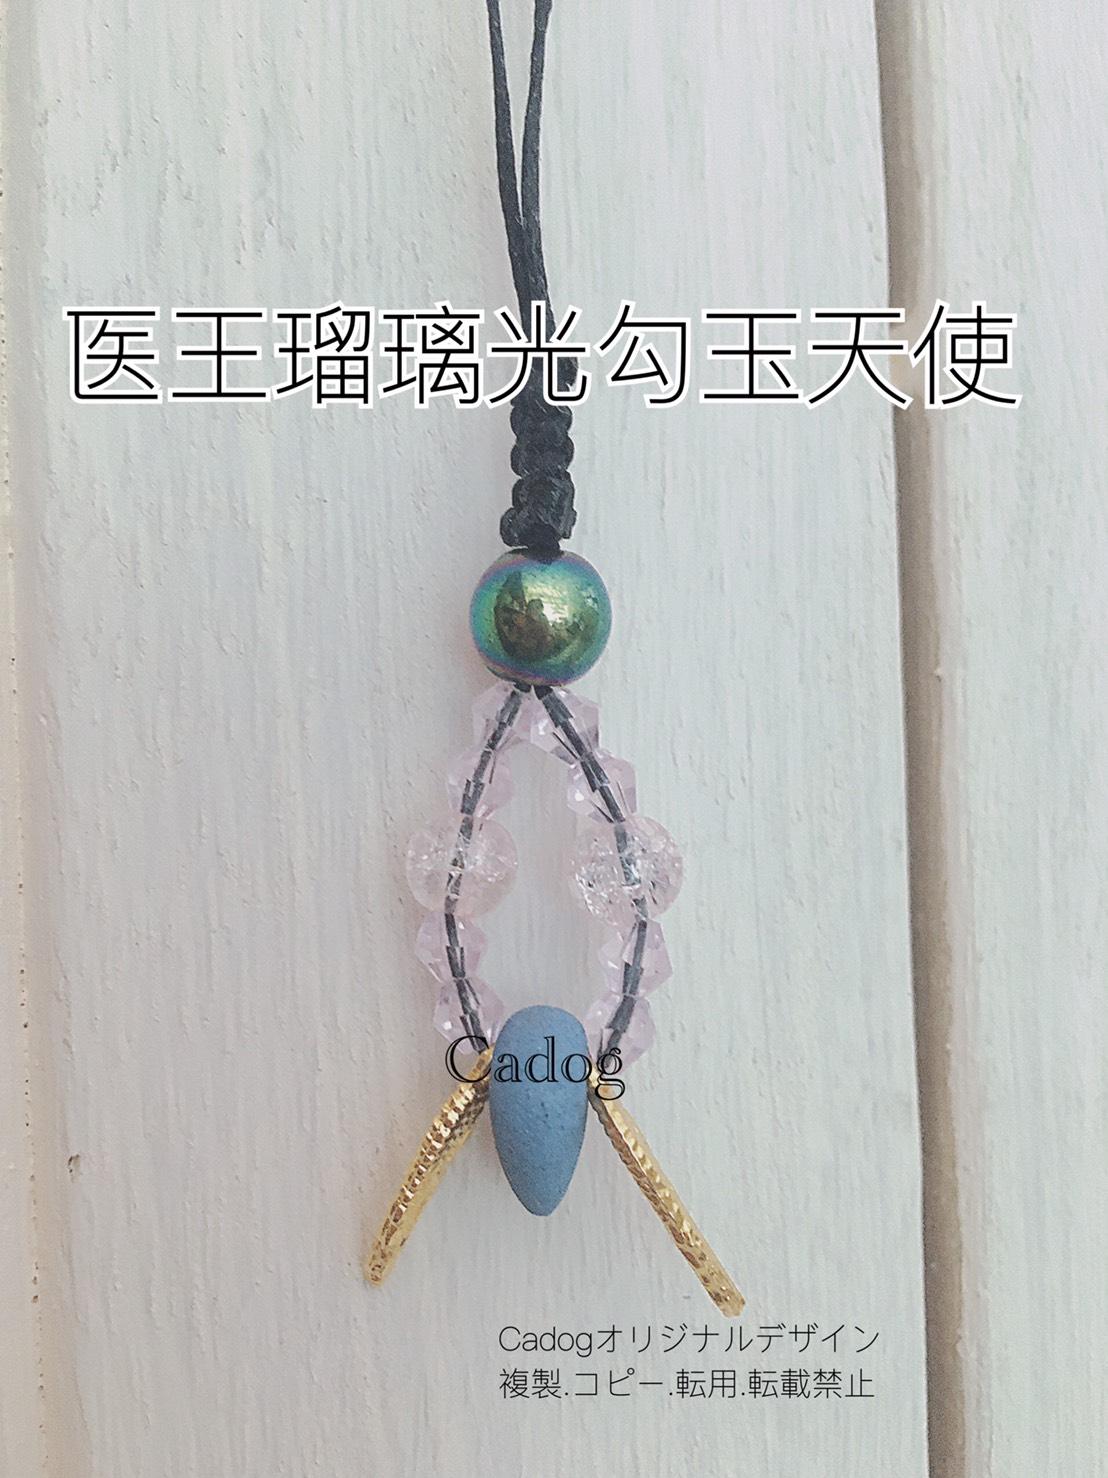 ・医王瑠璃光勾玉天使ストラップ 1個(ピンク)